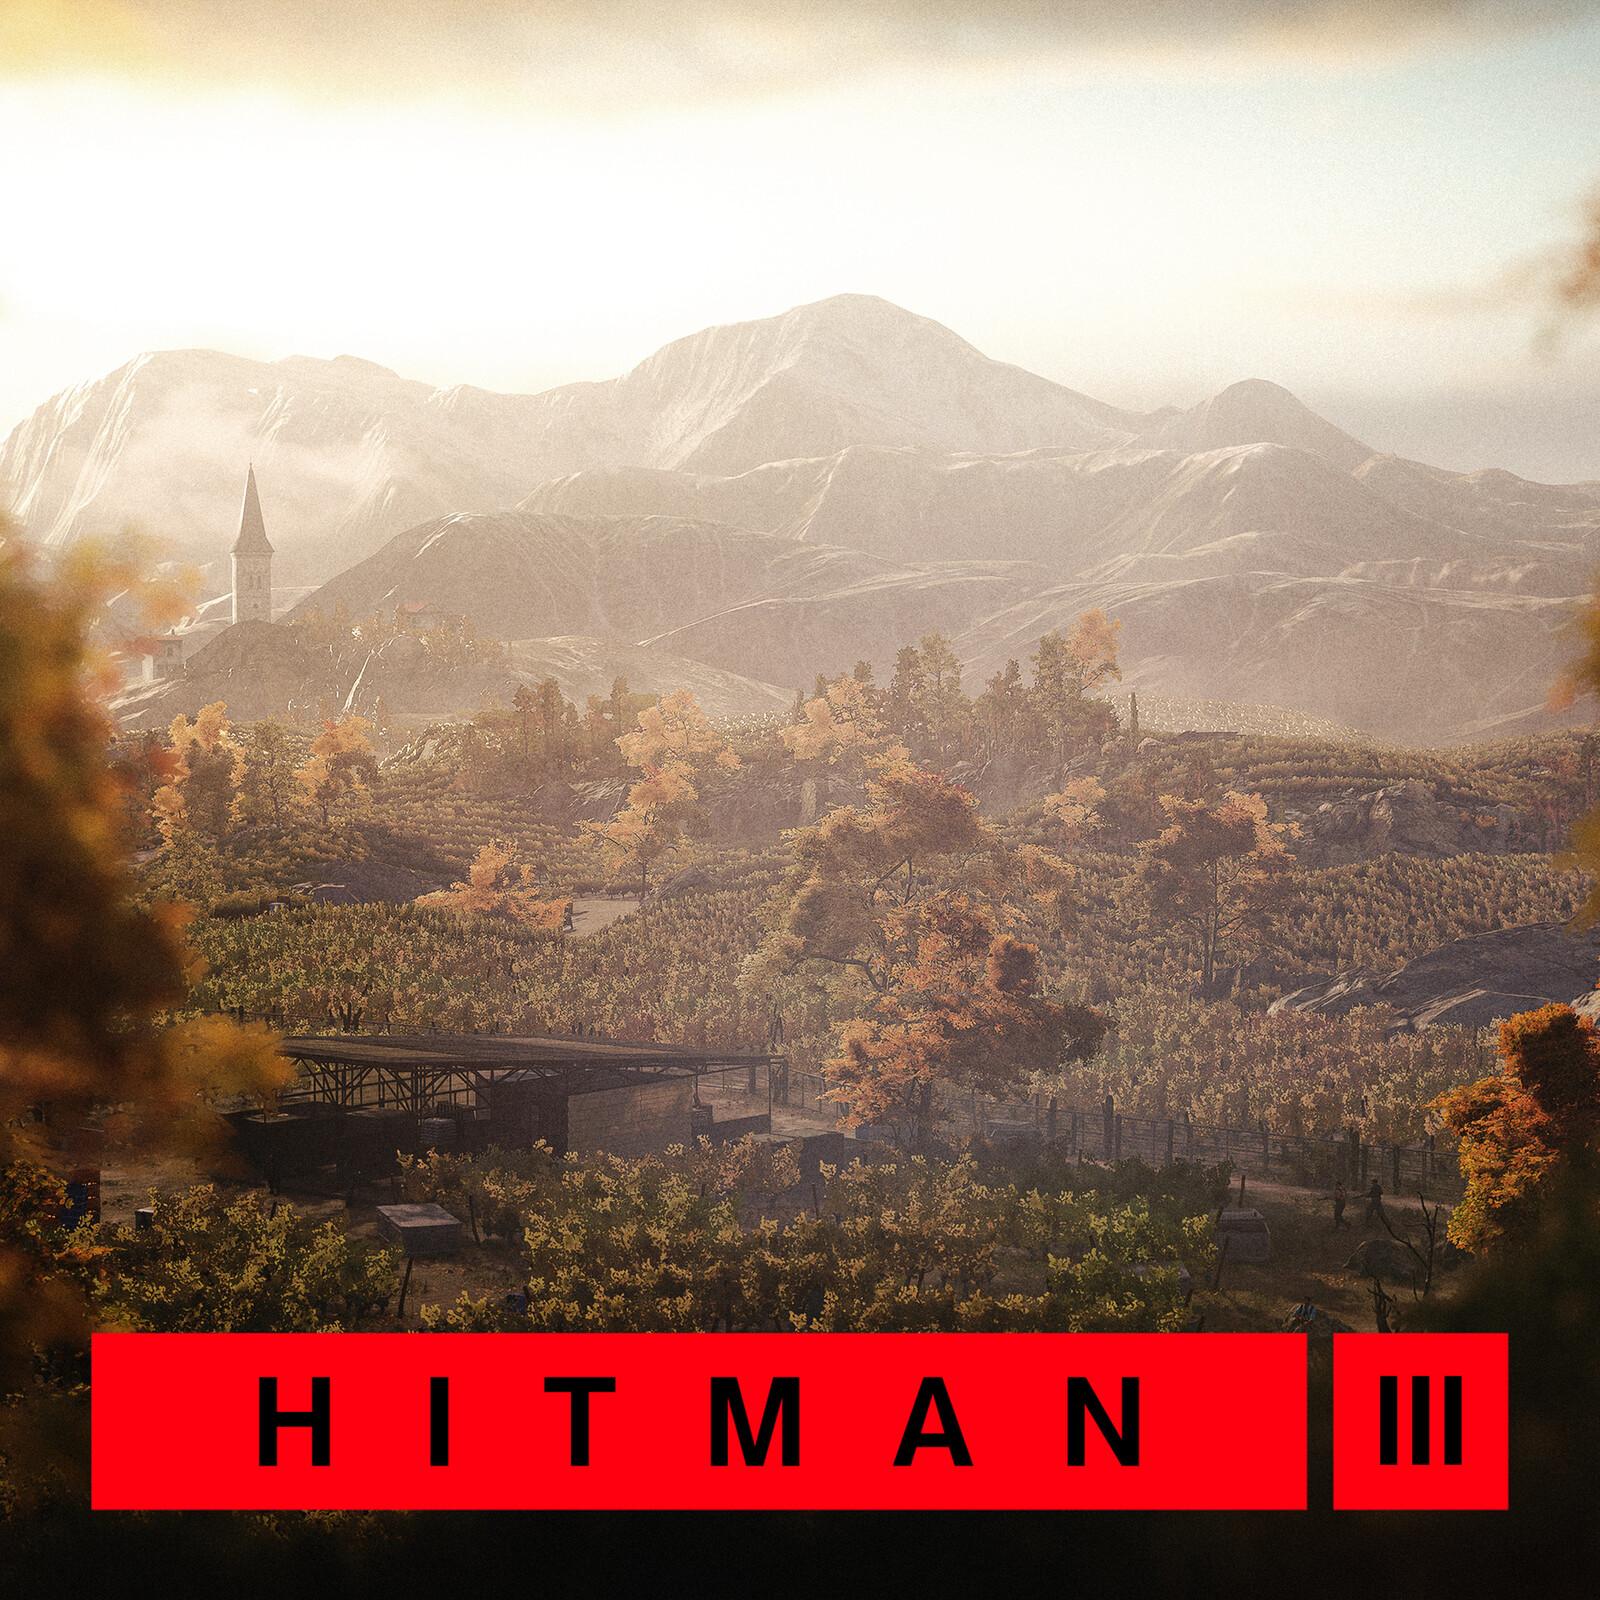 HITMAN 3: Mendoza, Argentina